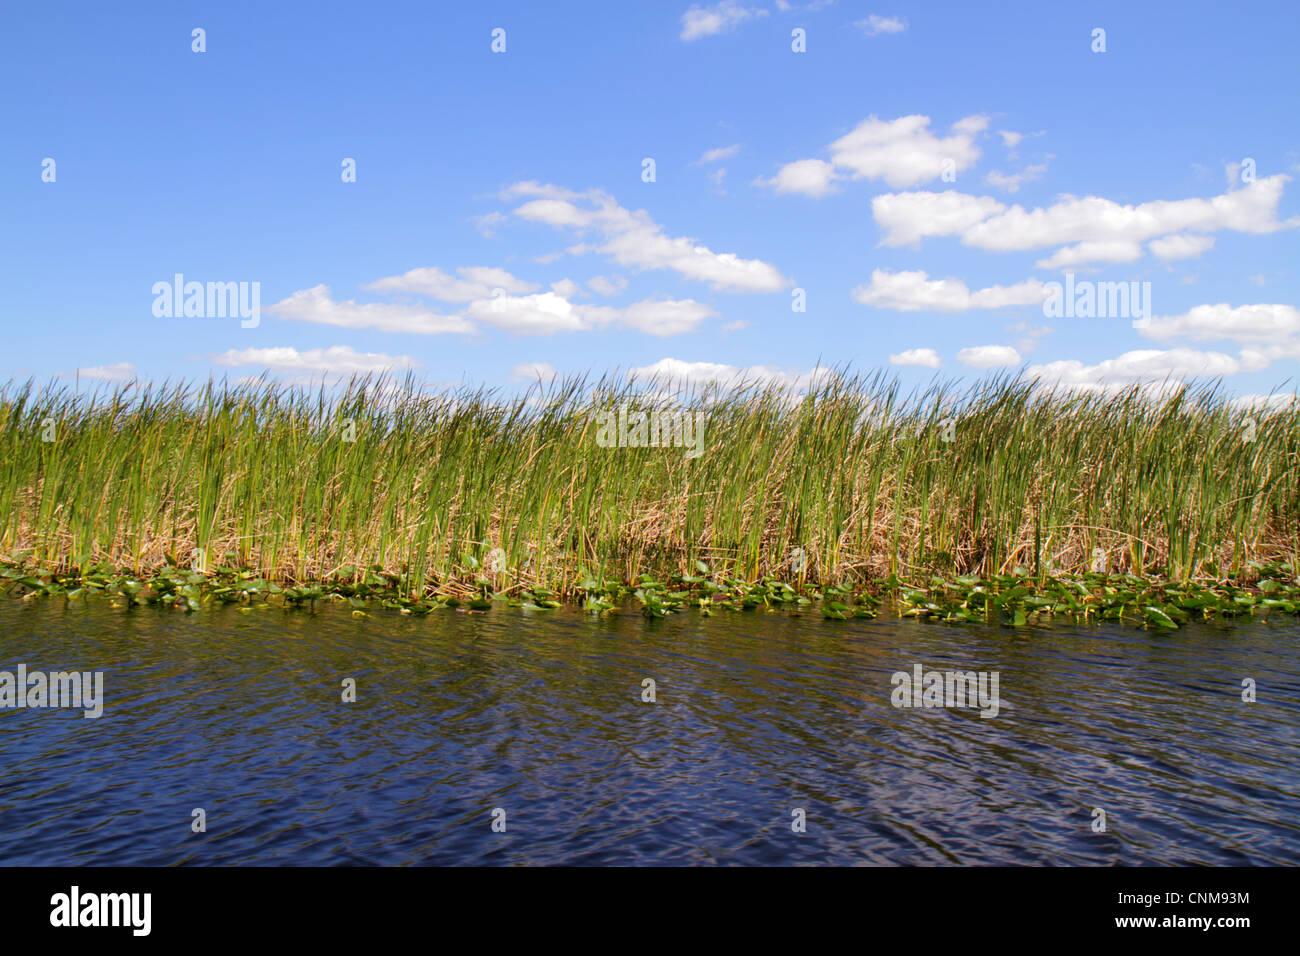 Fort Lauderdale Ft. Everglades della Florida Wildlife Management Area di Conservazione di acqua area 3A sawgrass Immagini Stock